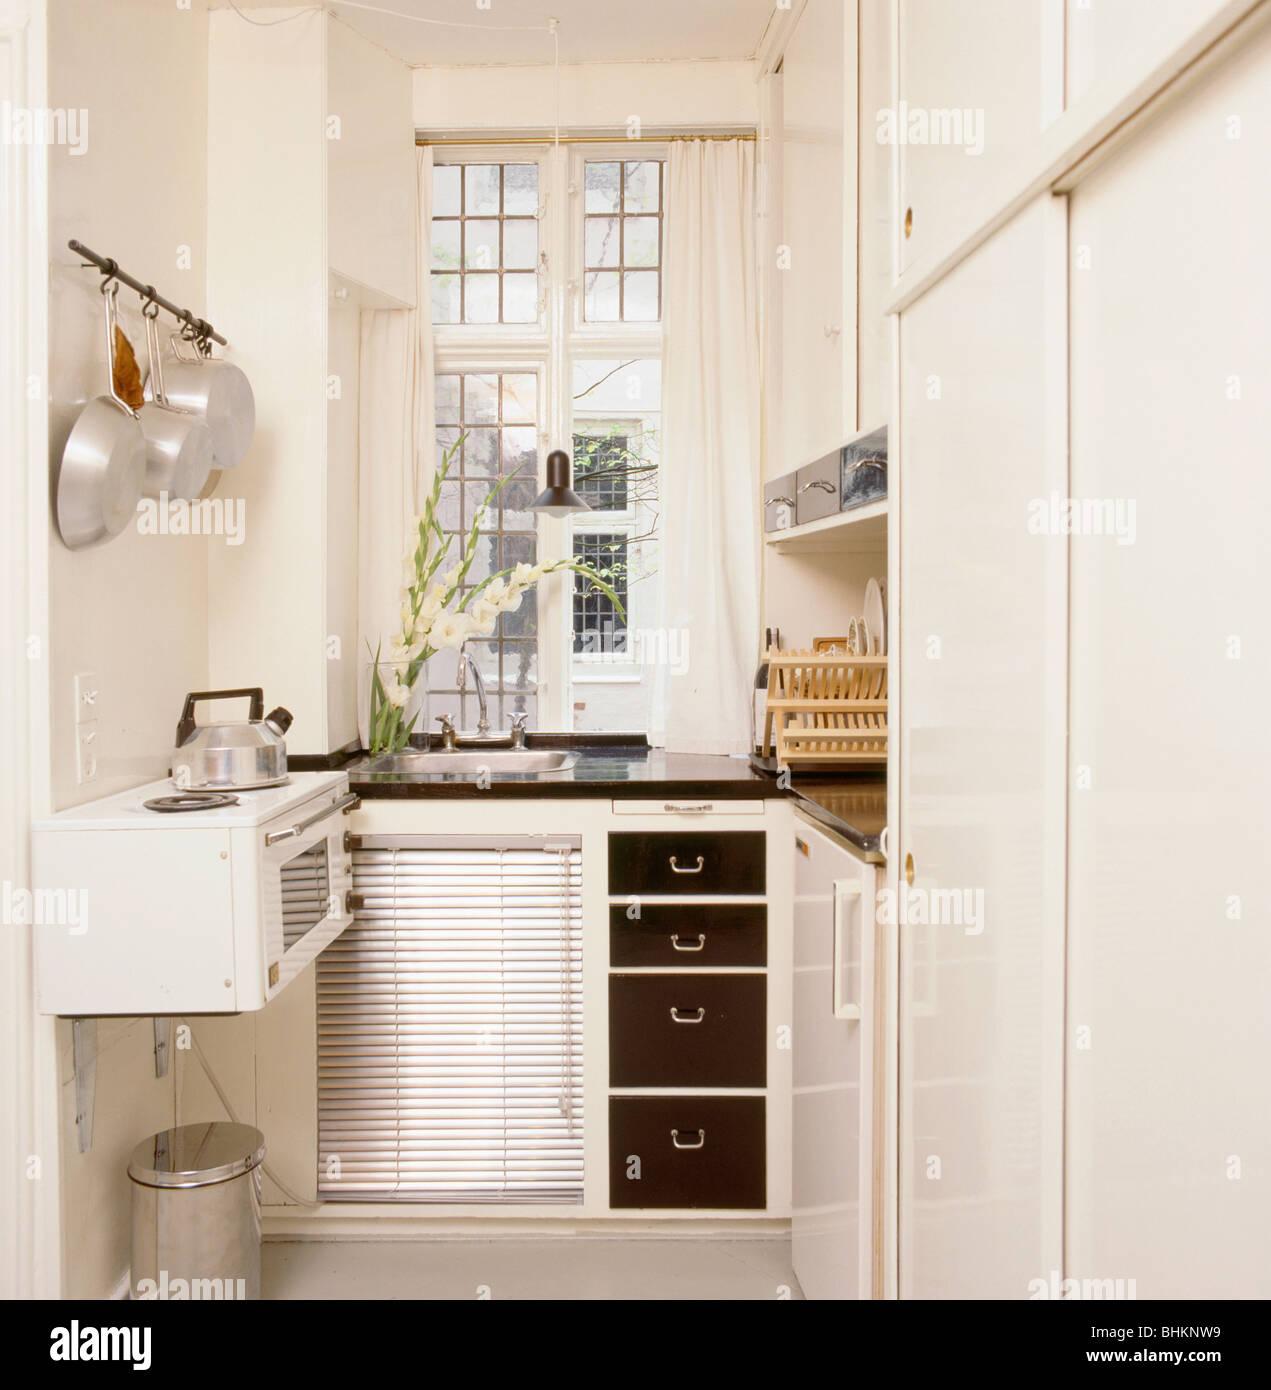 Wasserkocher Auf Kochfeld Kleine Wand Ofen In Kompakte Weisse Kuche